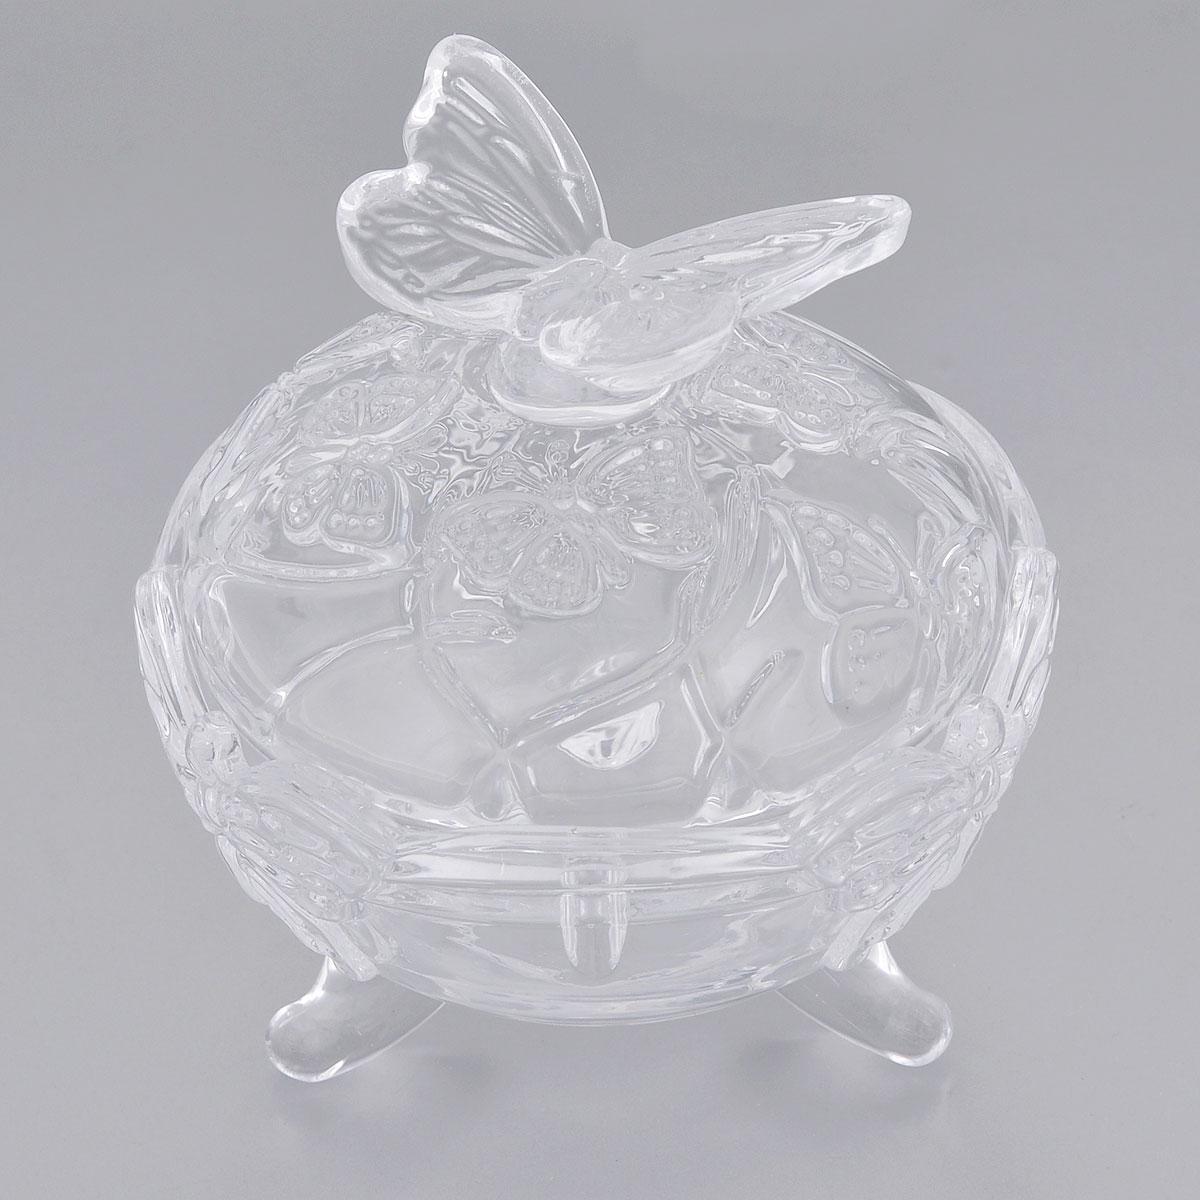 Конфетница Elan Gallery Бабочки, с крышкой, диаметр 10,5 см кофейный набор elan gallery бабочки